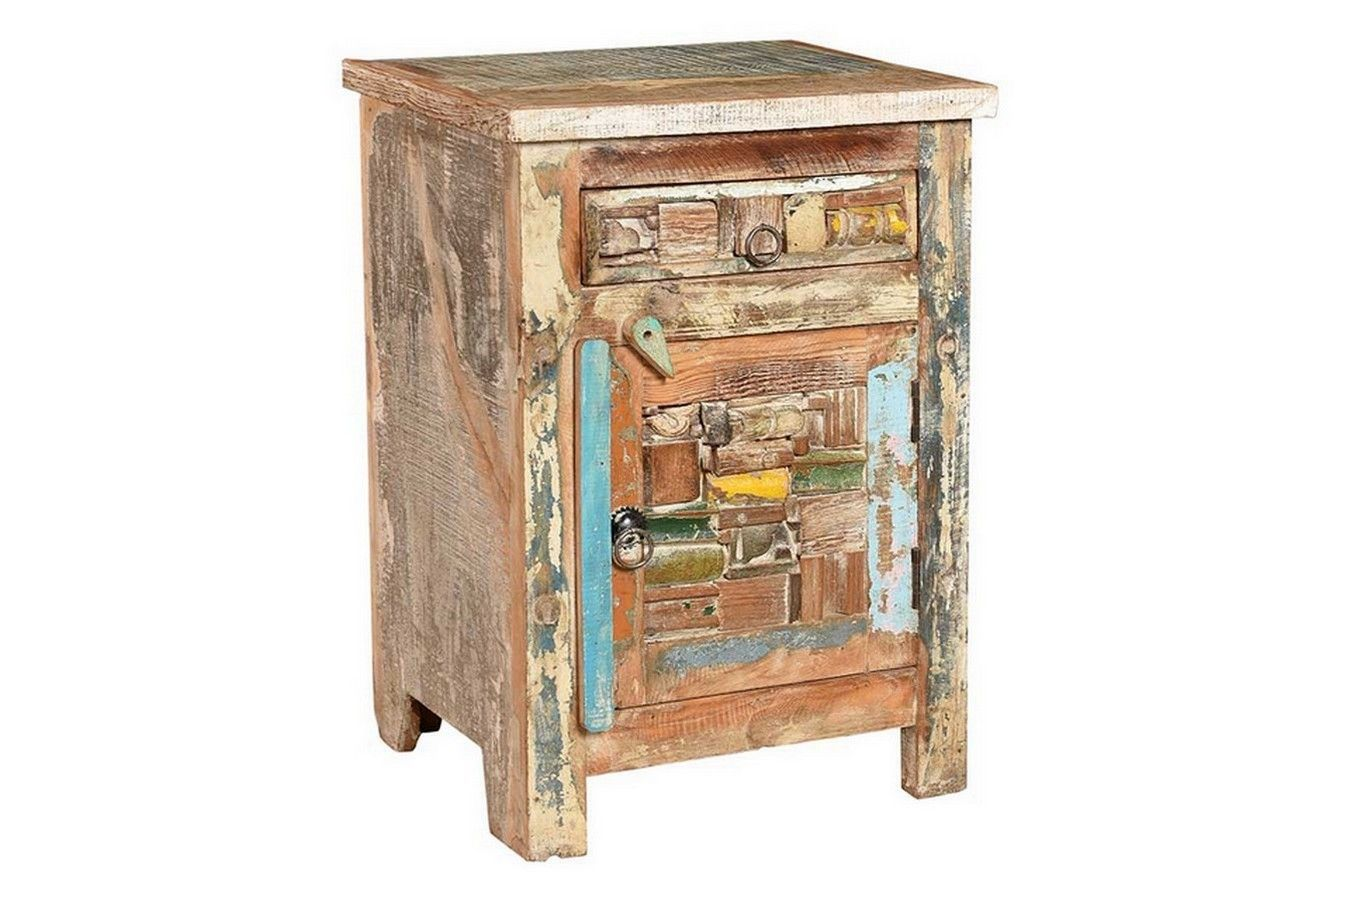 Vintage Möbel online bestellen bei lagerhaus.de